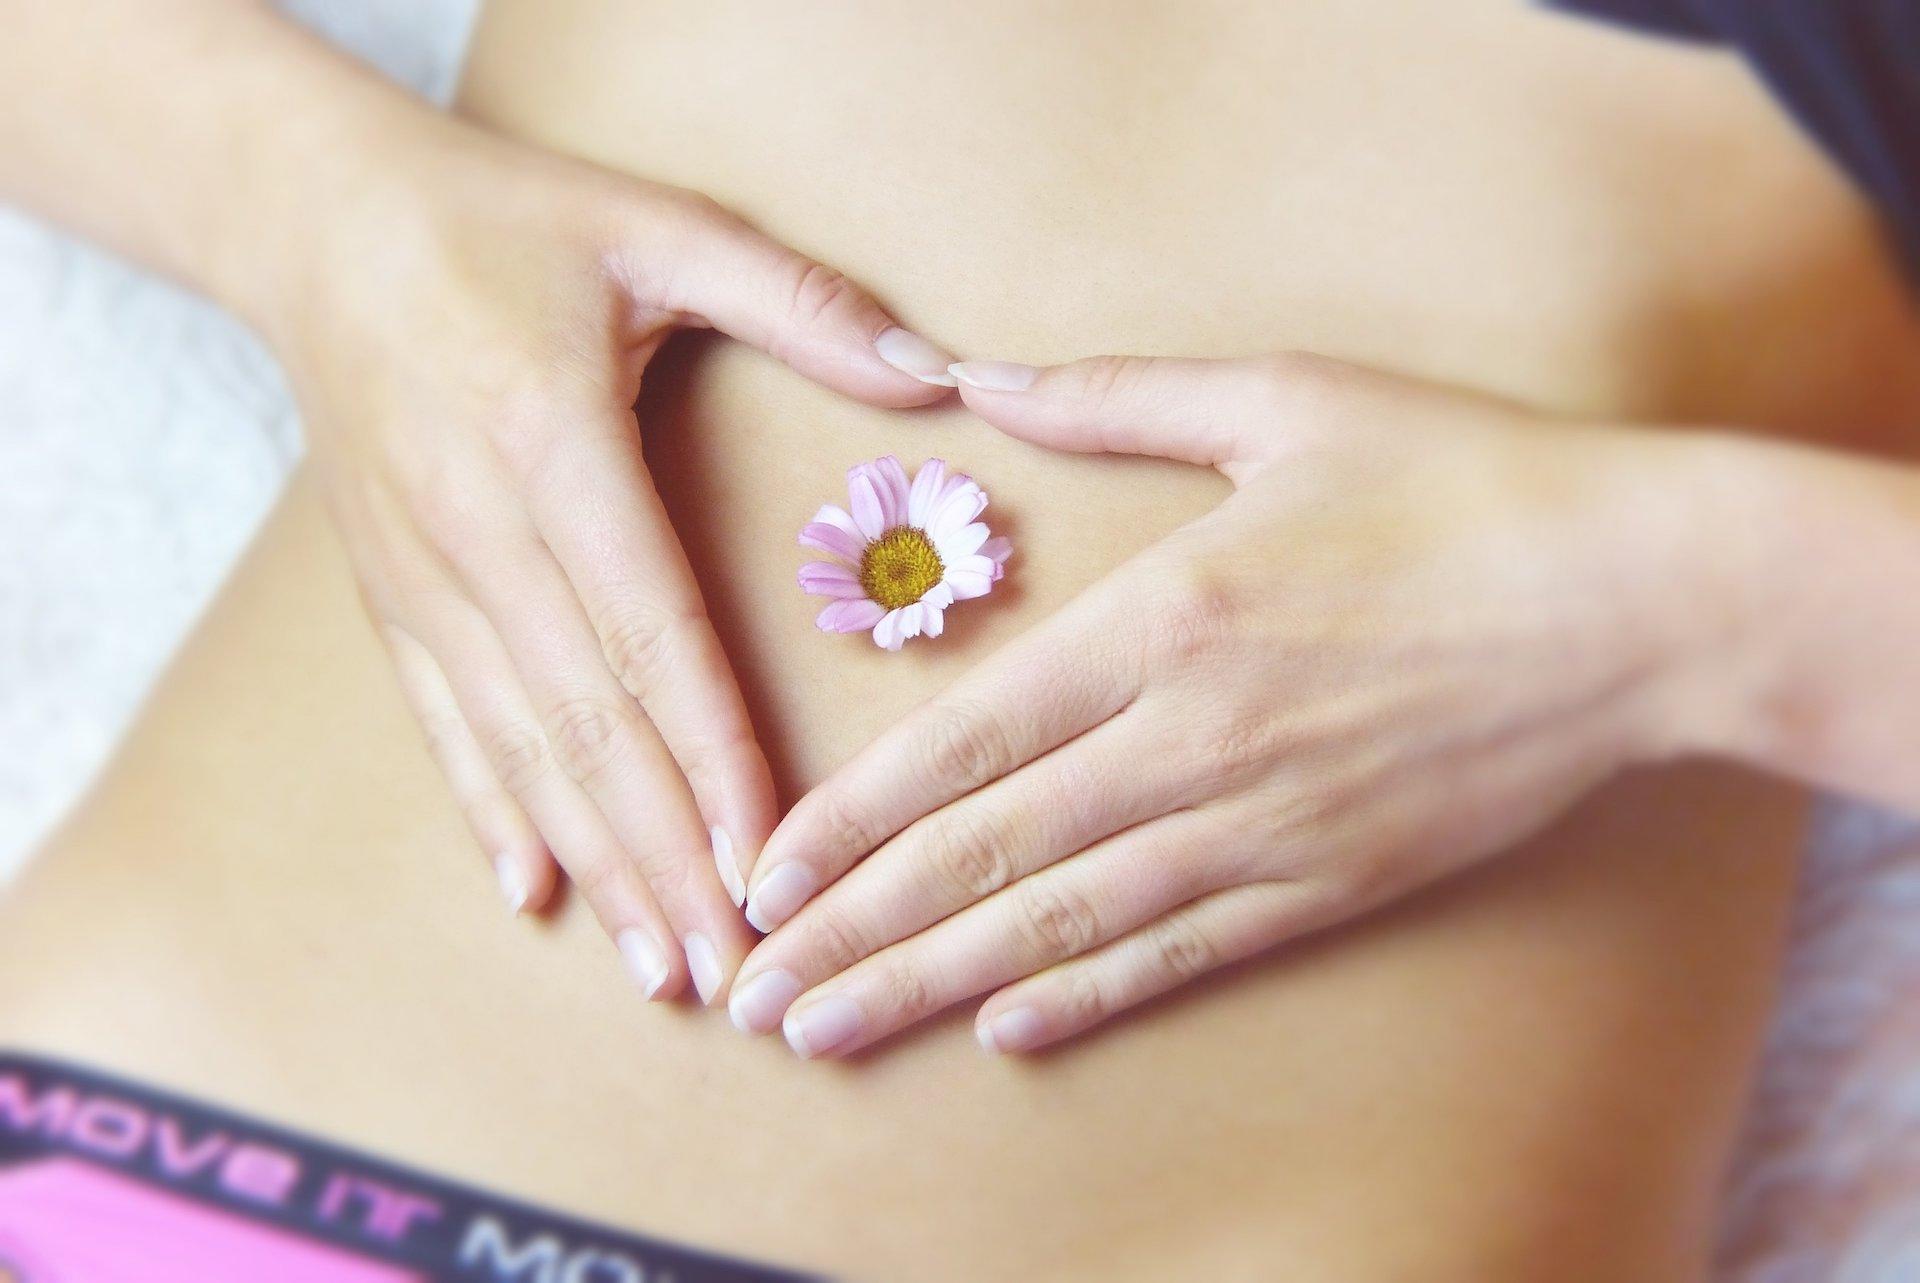 Renata Kajtaz Kosmetikinstitut Ehingen - Bild von Bauchnabel mit Blüte einer Blume